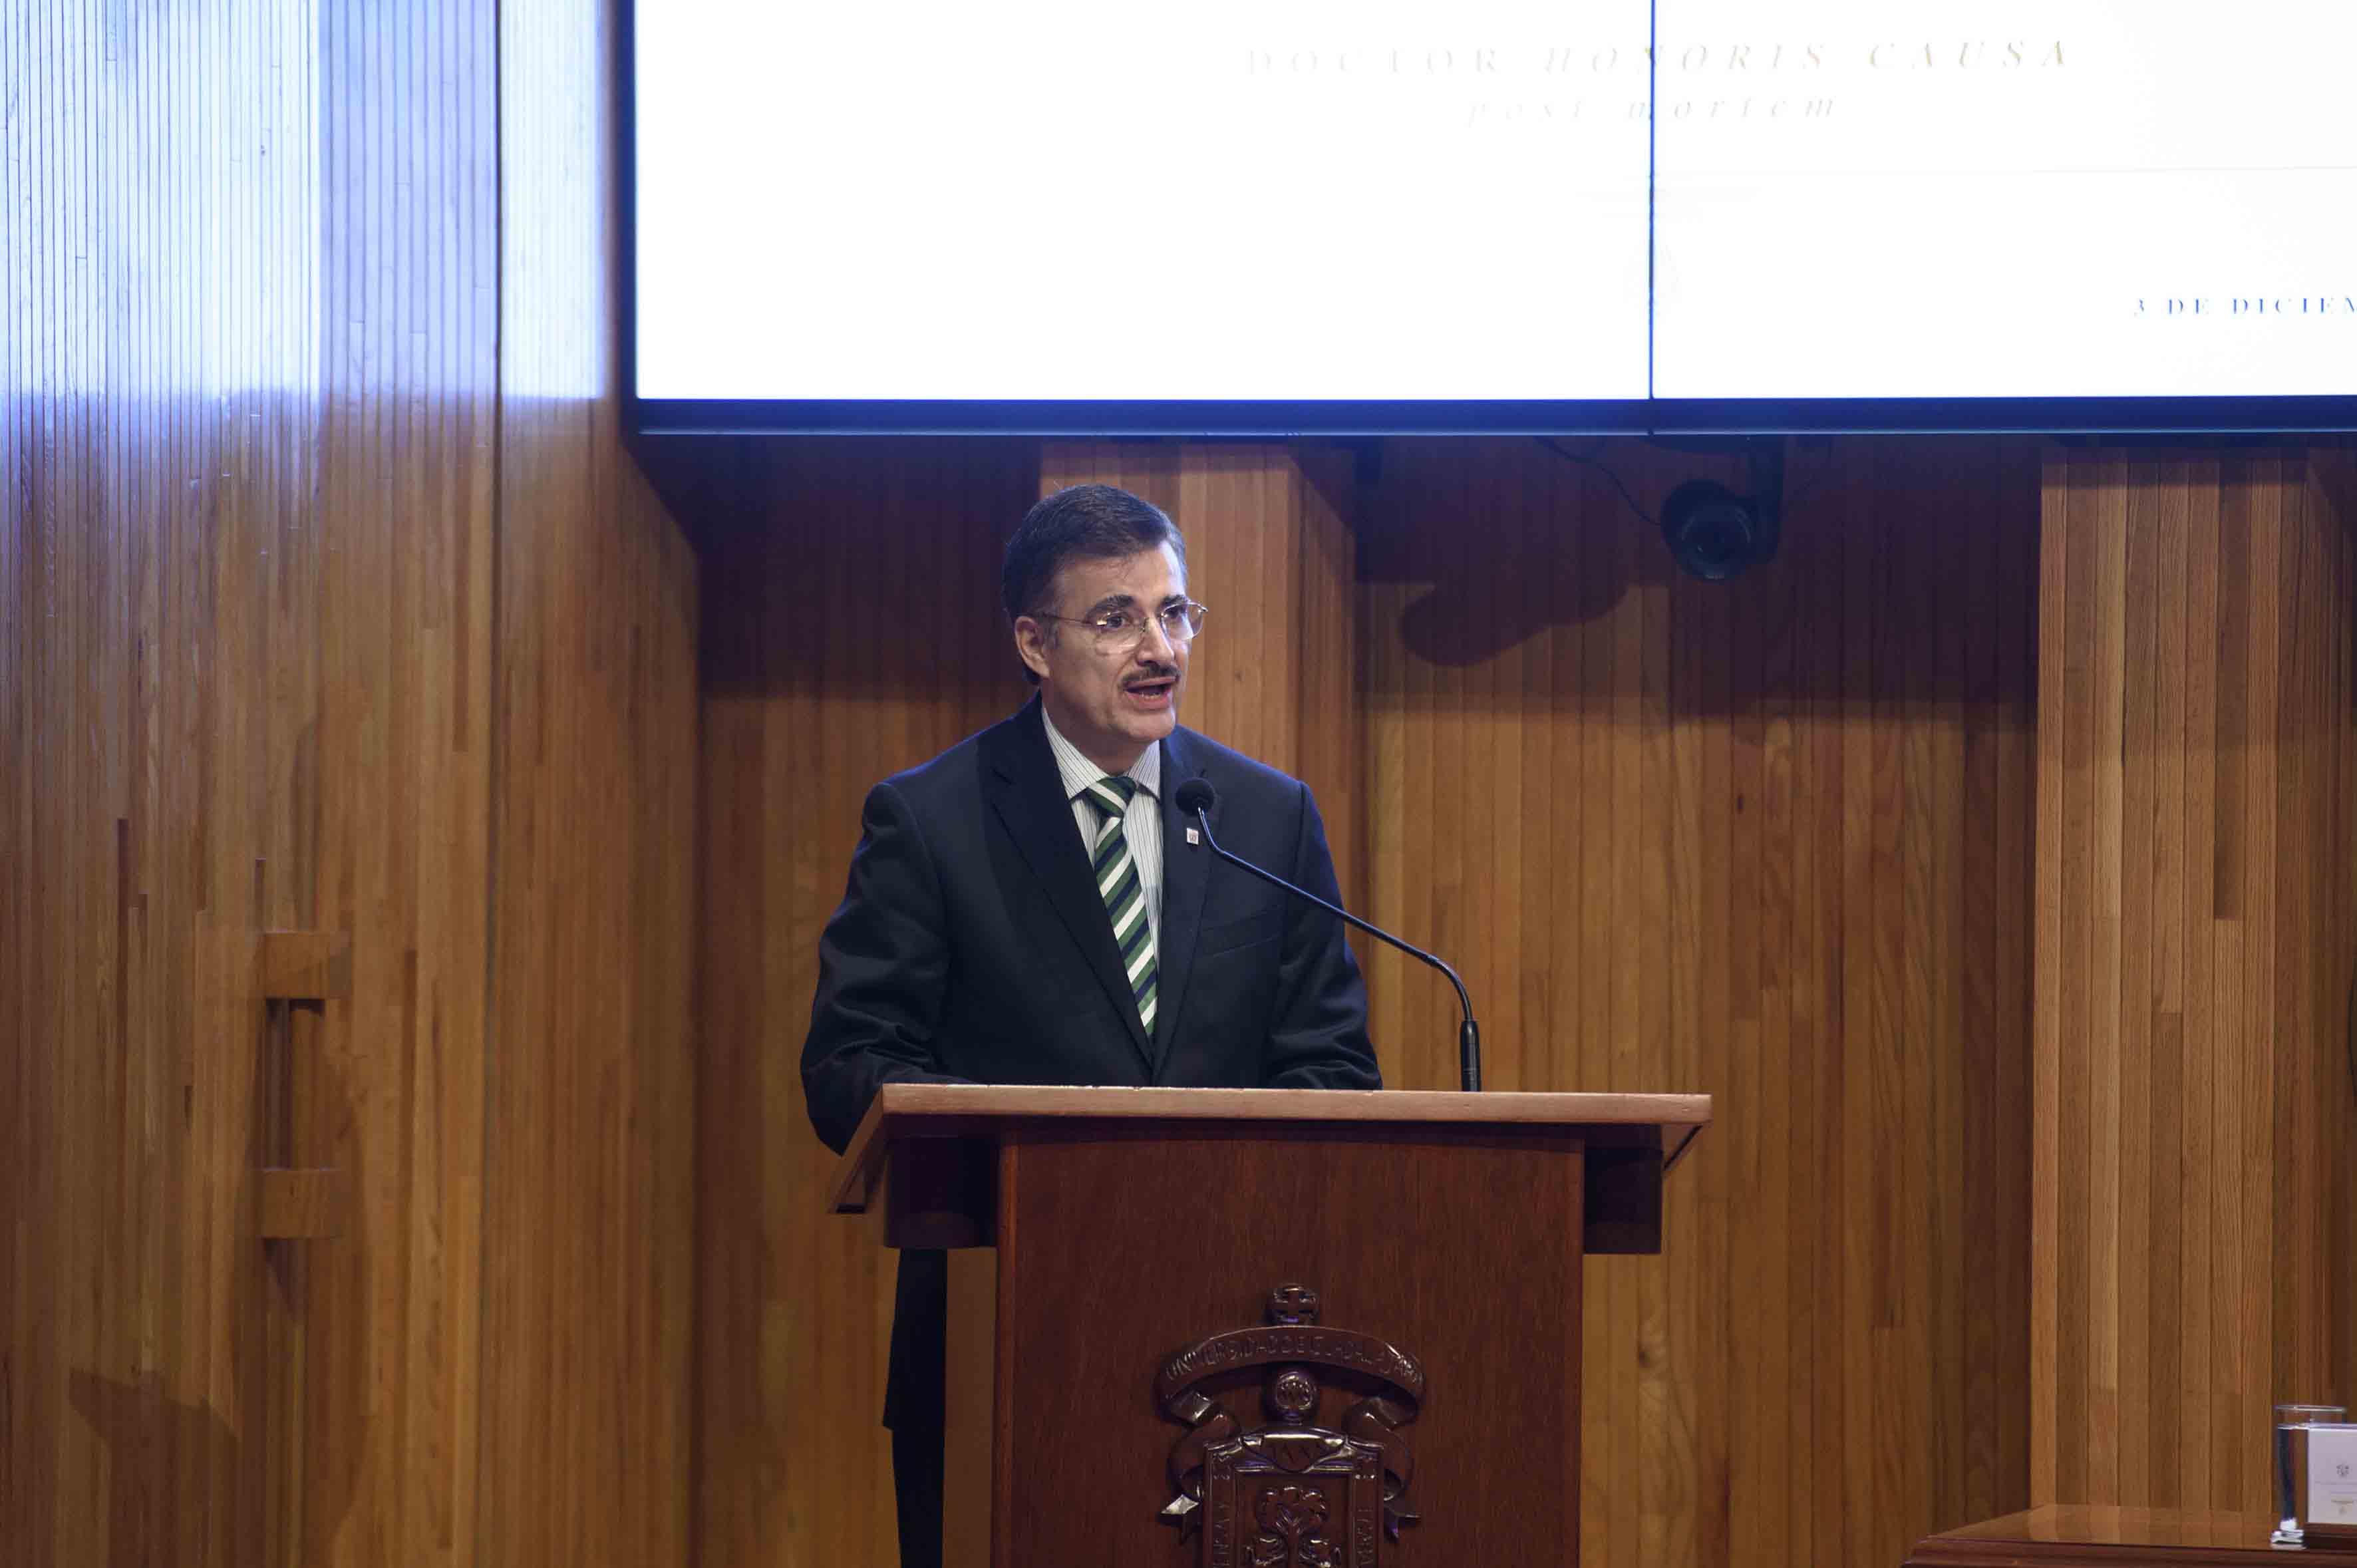 El Rector General de esta Casa de Estudio, maestro Itzcóatl Tonatiuh Bravo Padilla, en el uso de la voz